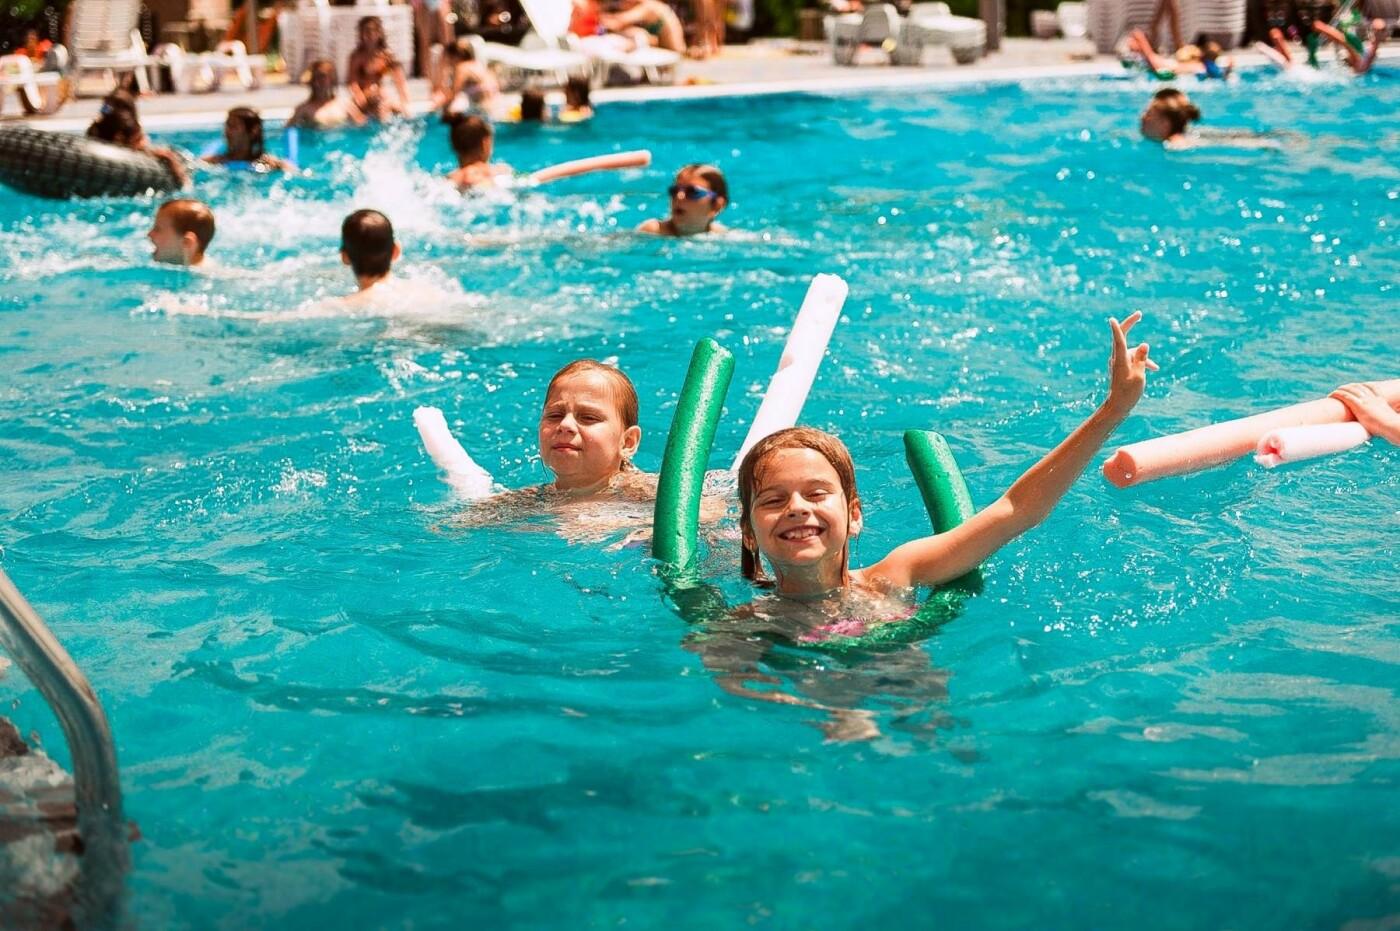 """Незабаром літні канікули: як дітям провести вільний час підкаже навчальний центр """"Поліглот"""" , фото-2"""